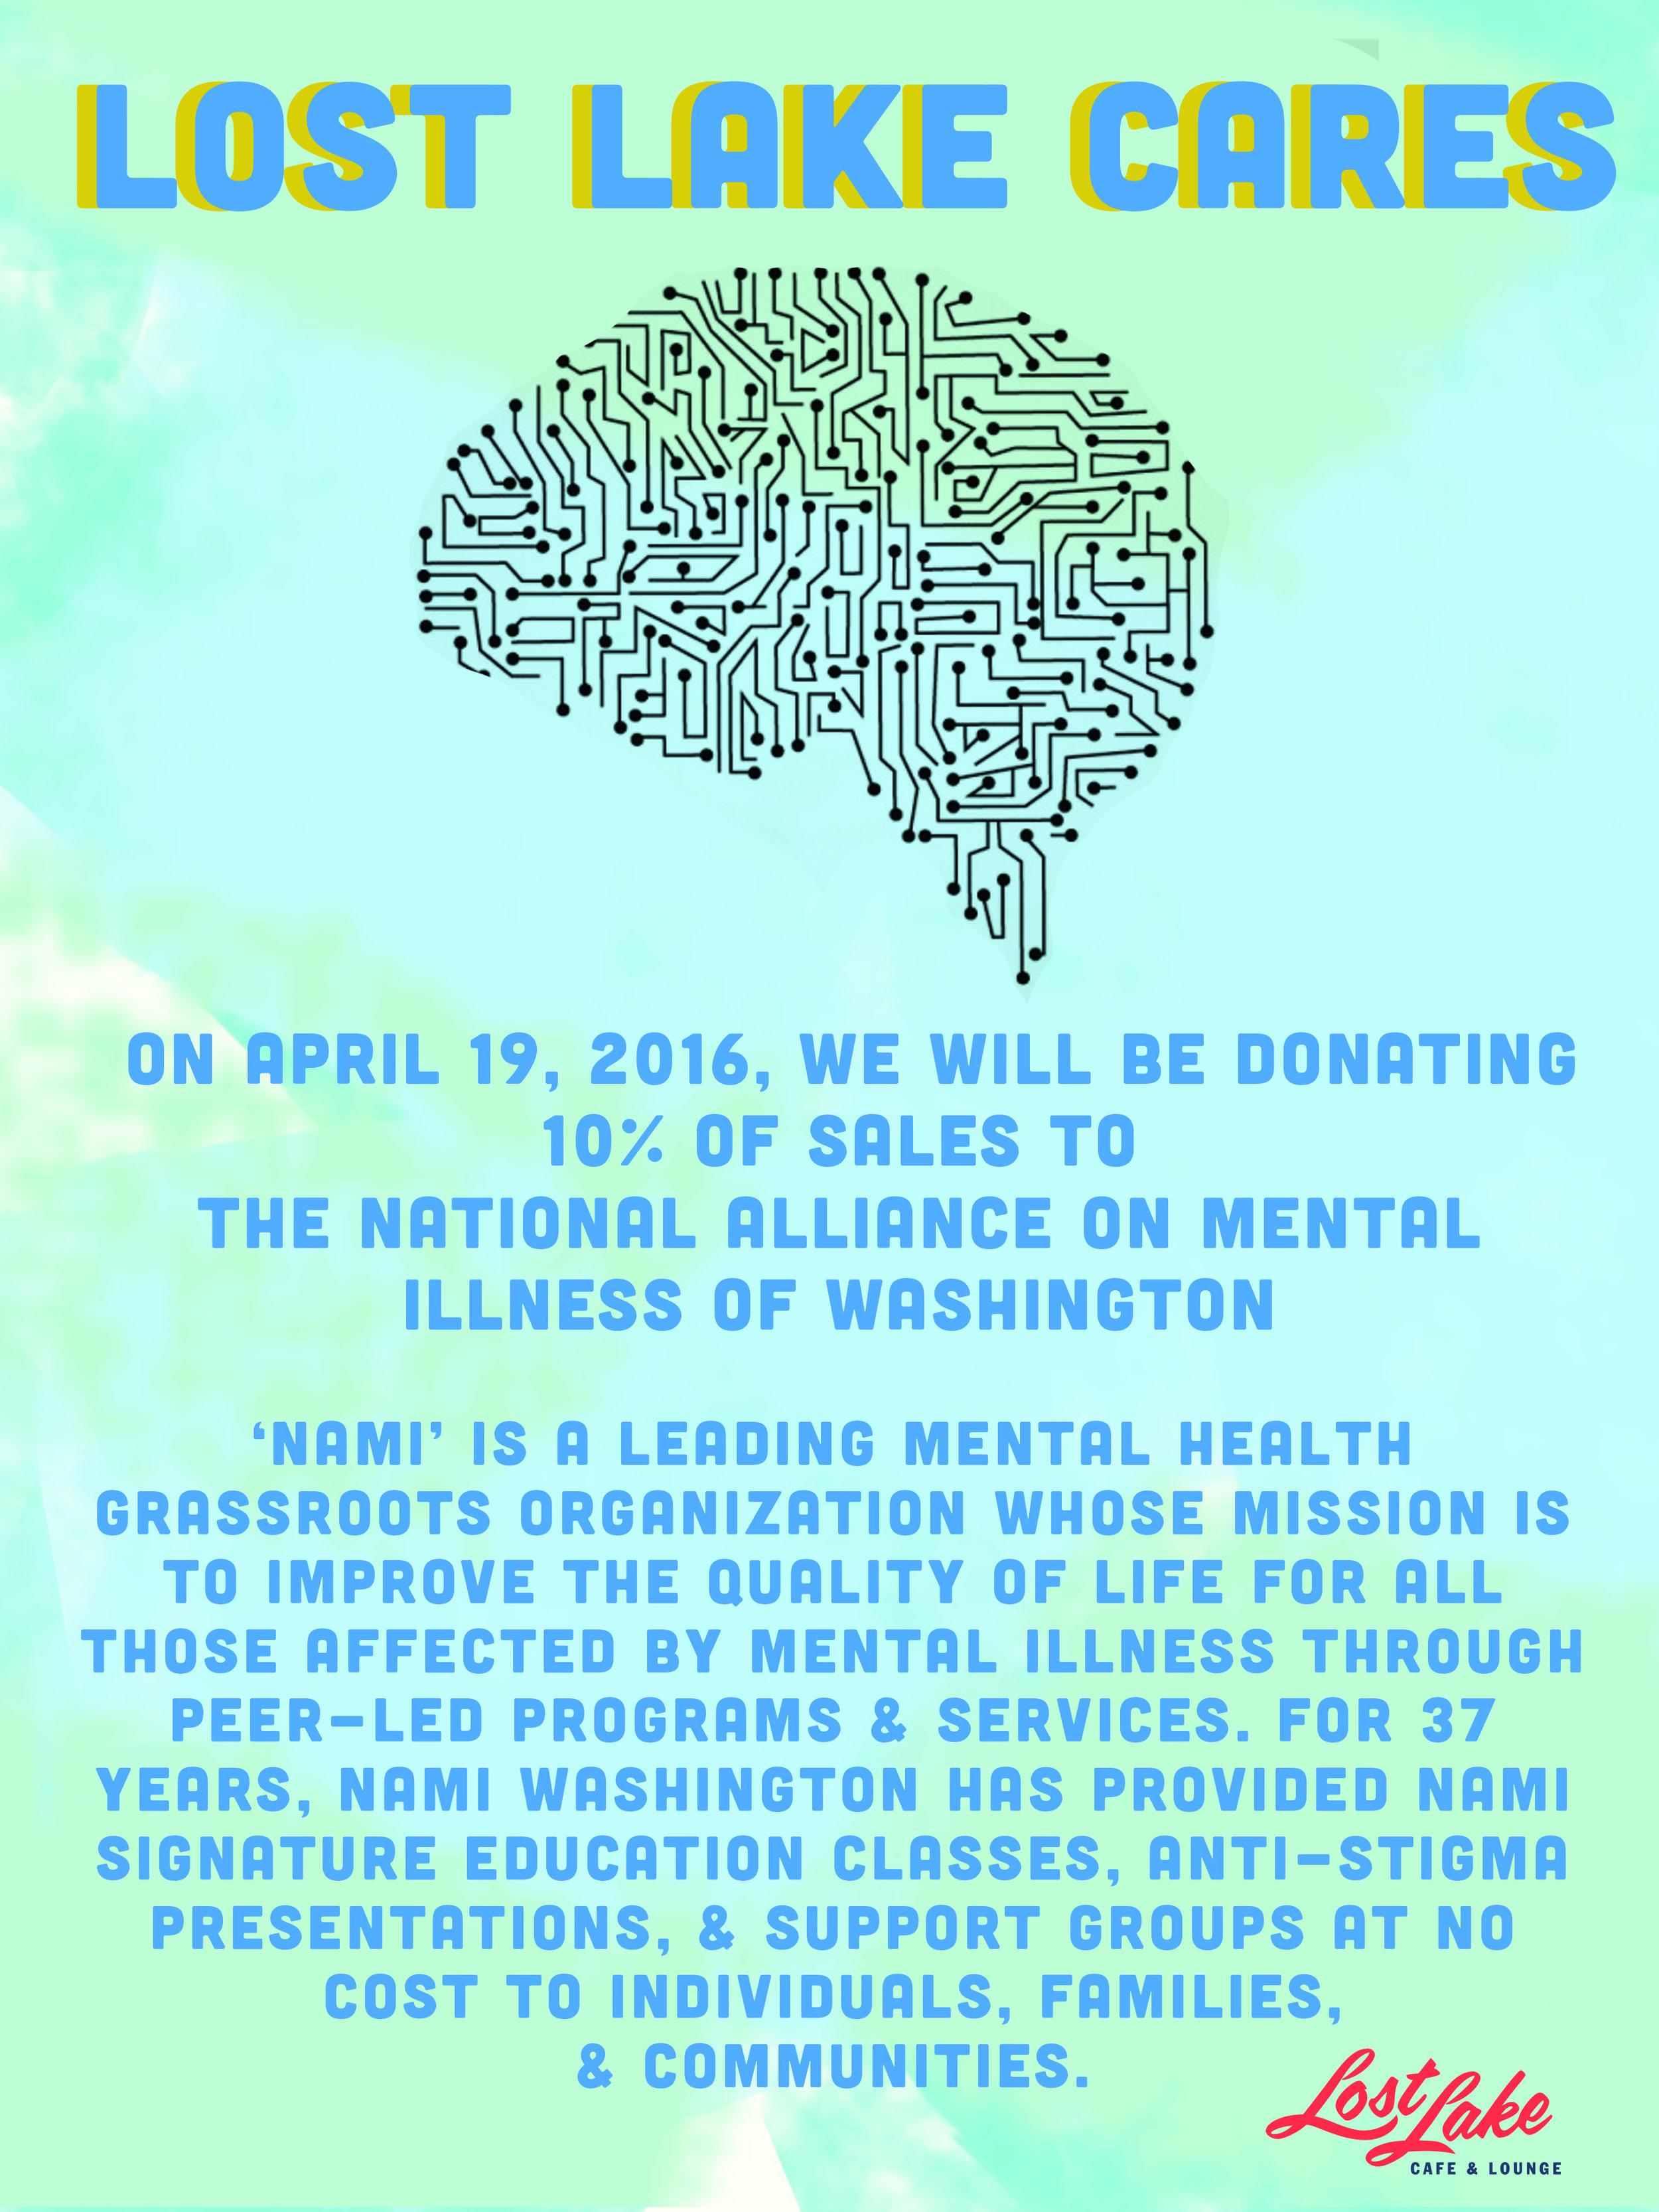 lost lake cares poster april 2016 copy.jpg